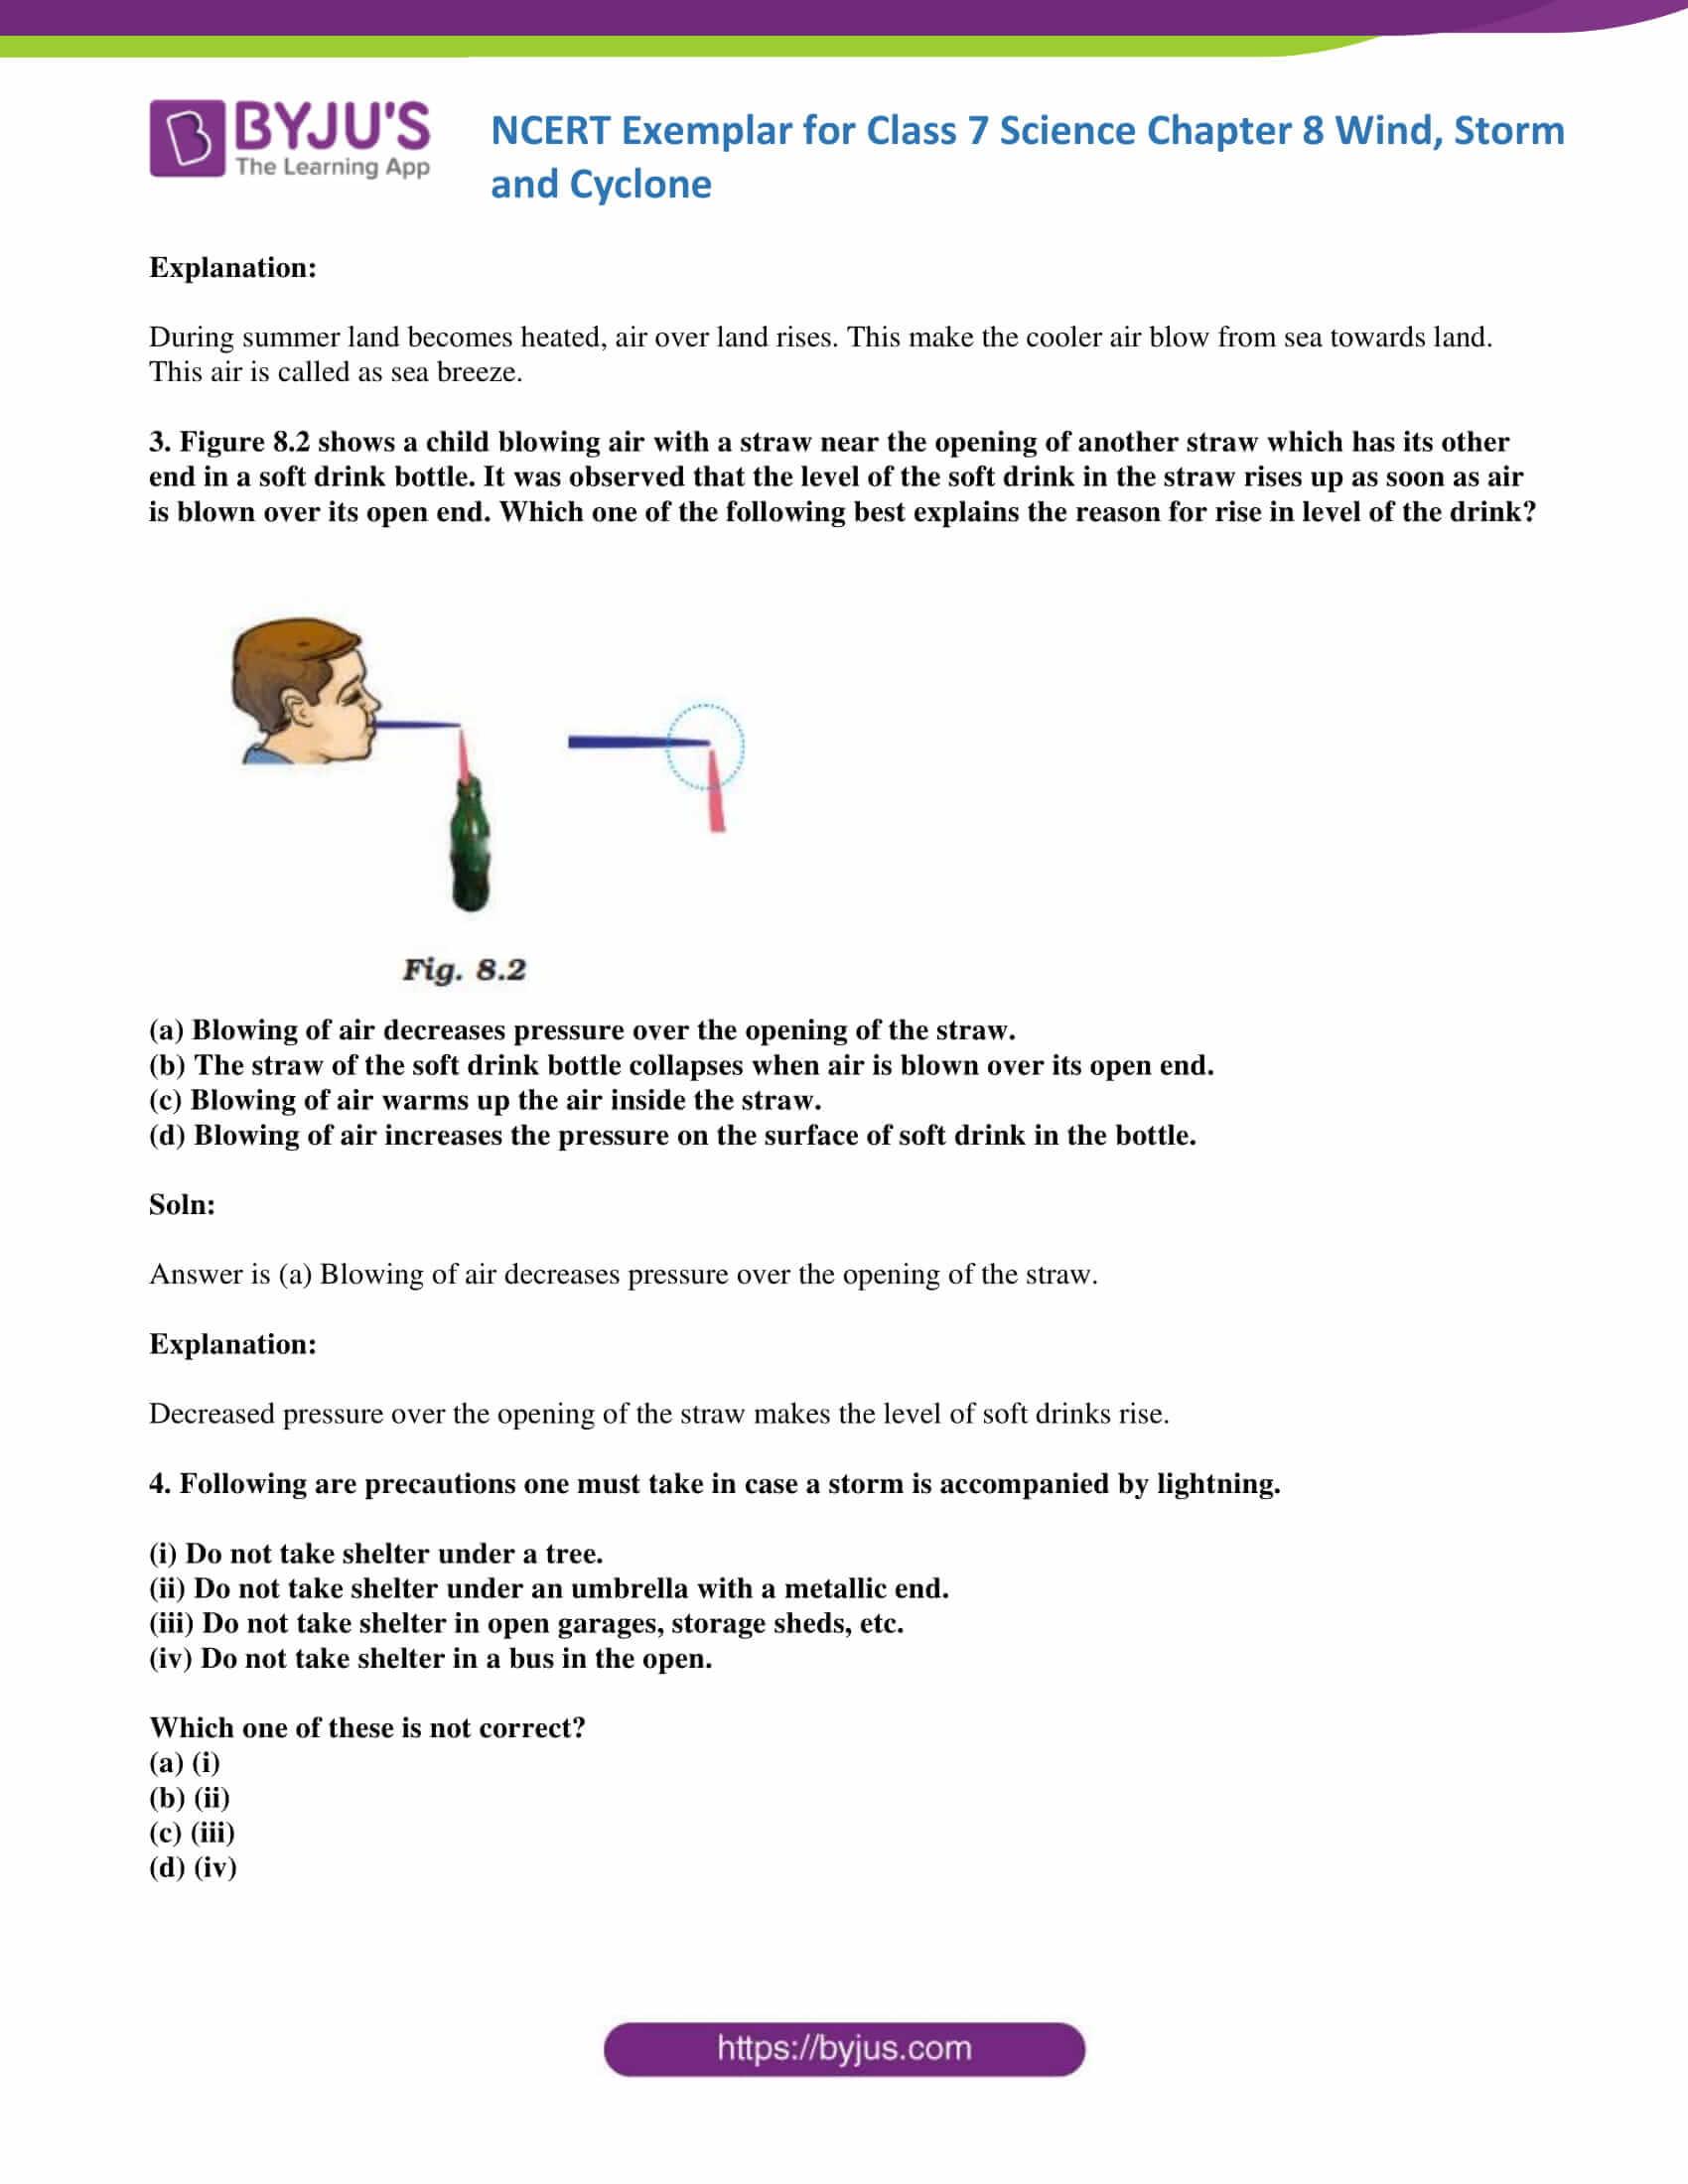 NCERT Exemplar solution class 7 science Chapter 8 2